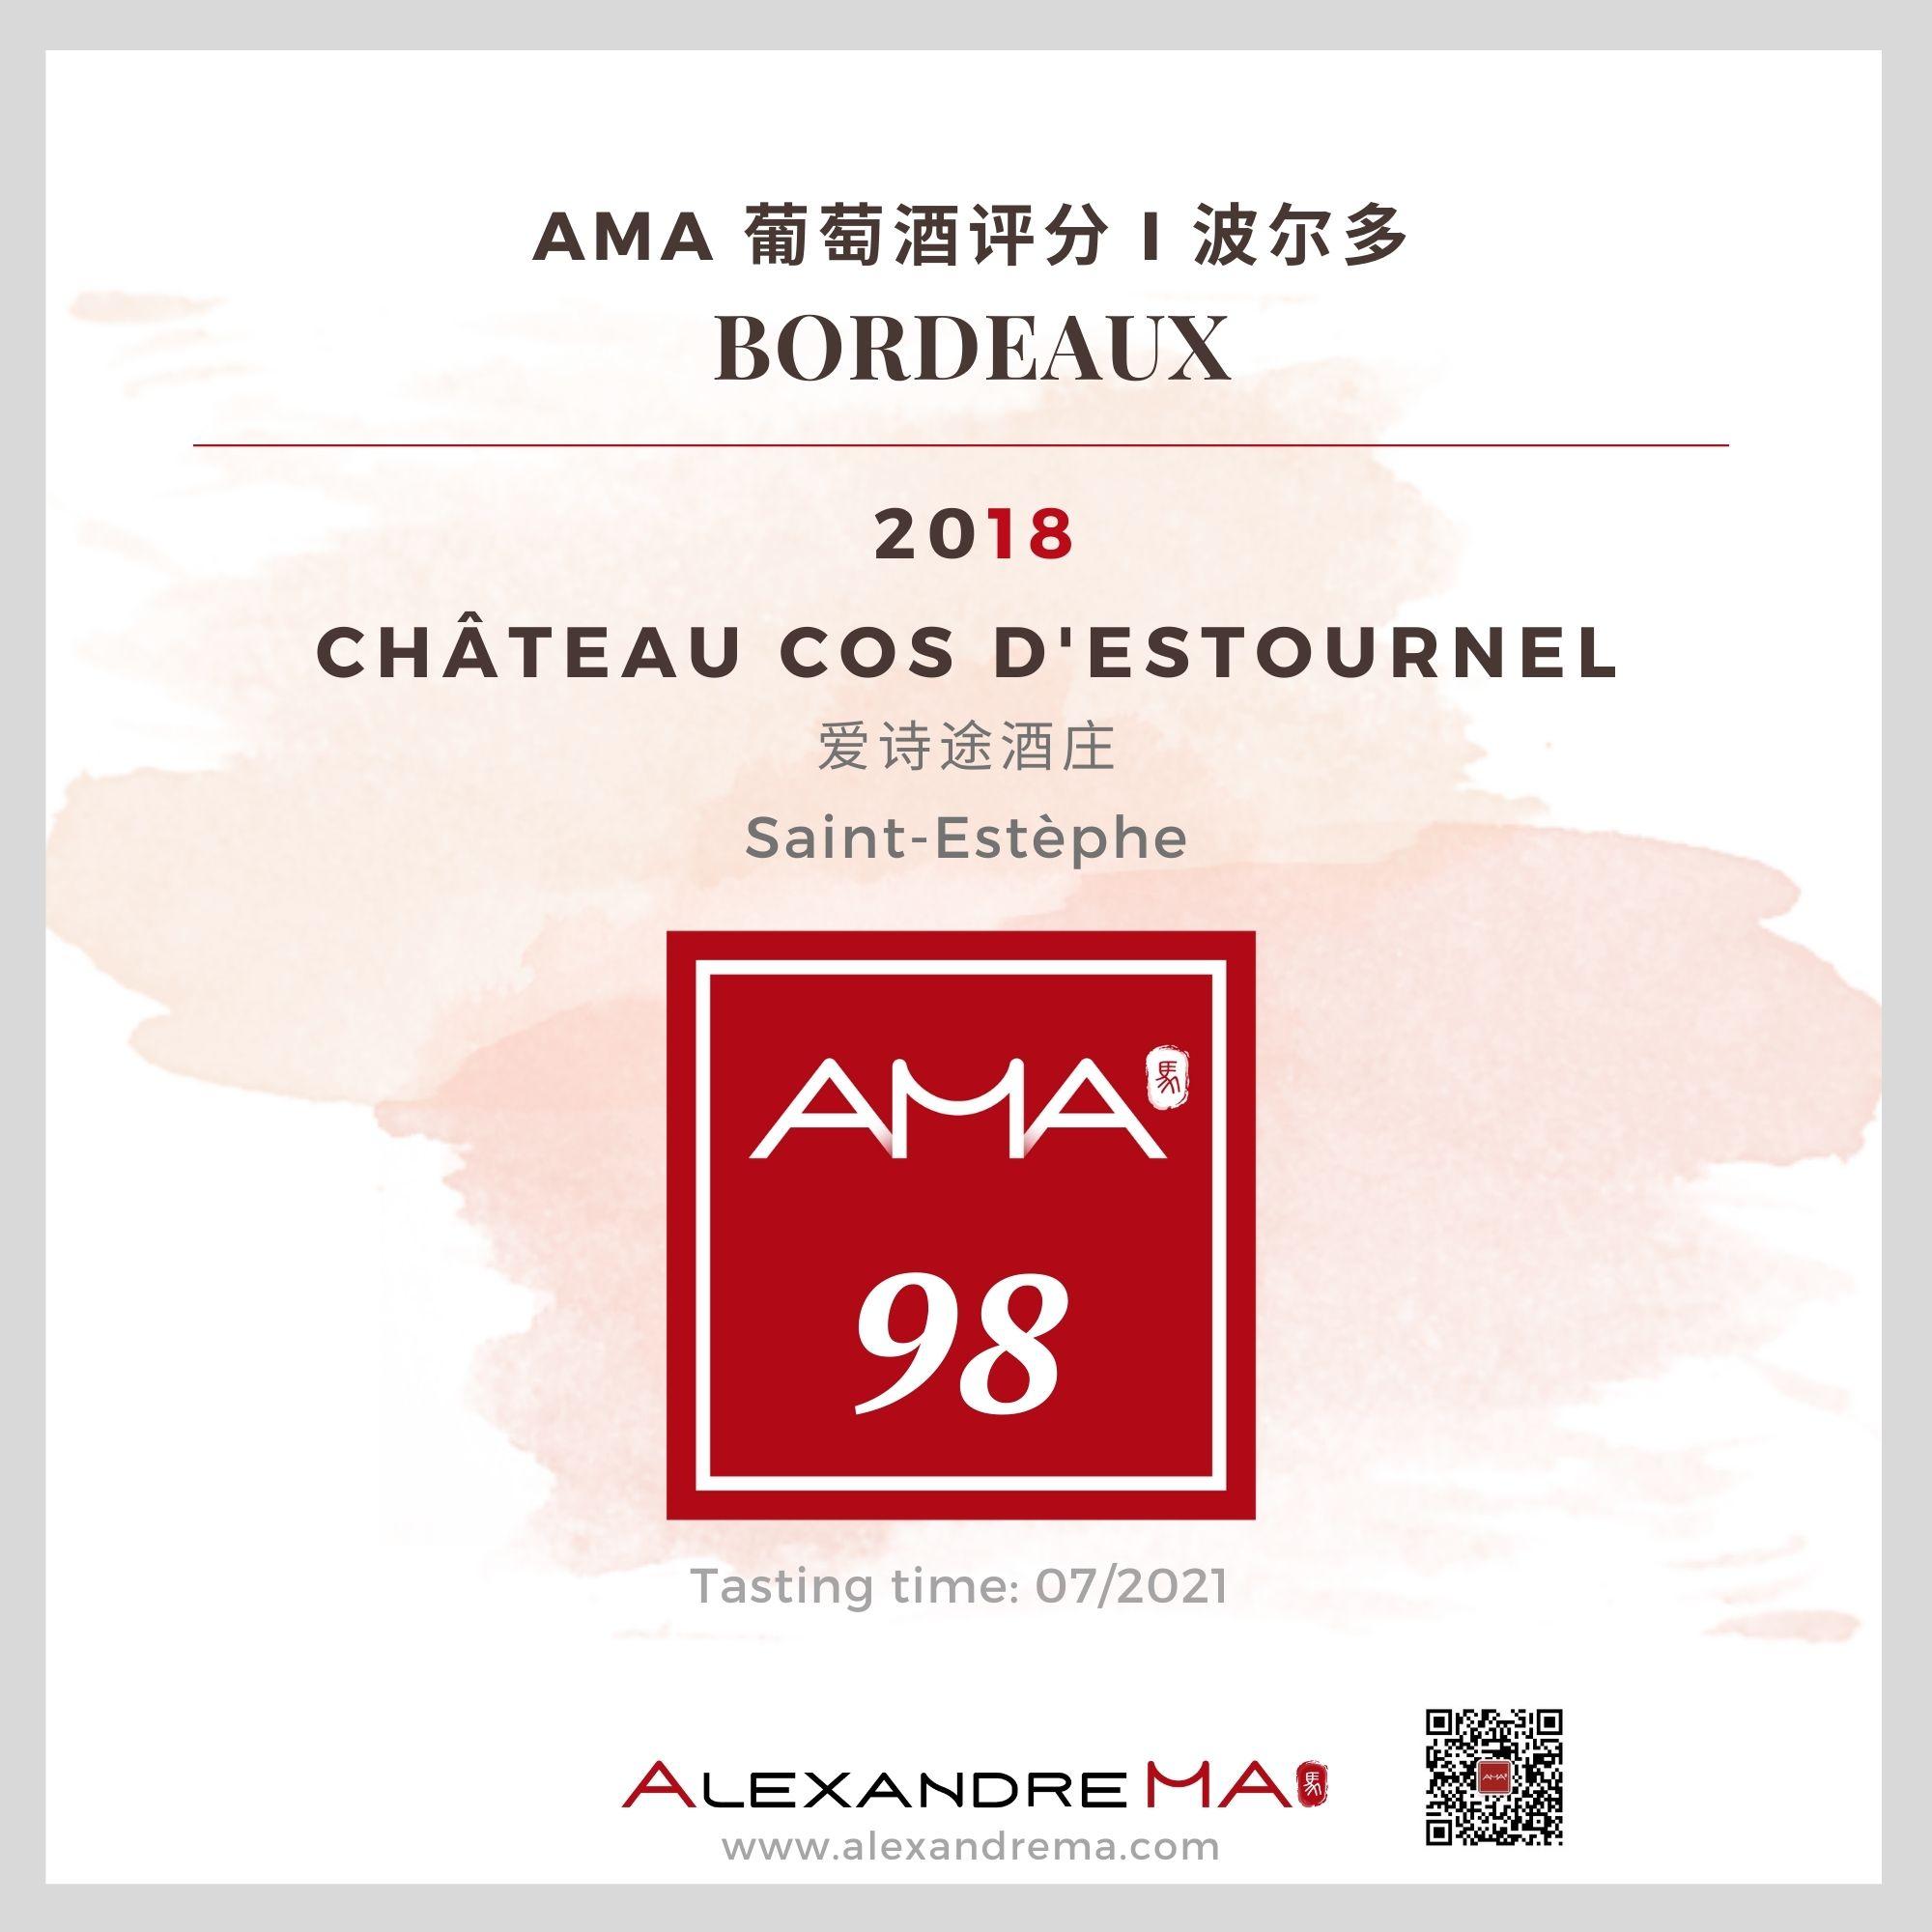 Château Cos d'Estournel 2018 爱诗途酒庄 - Alexandre Ma